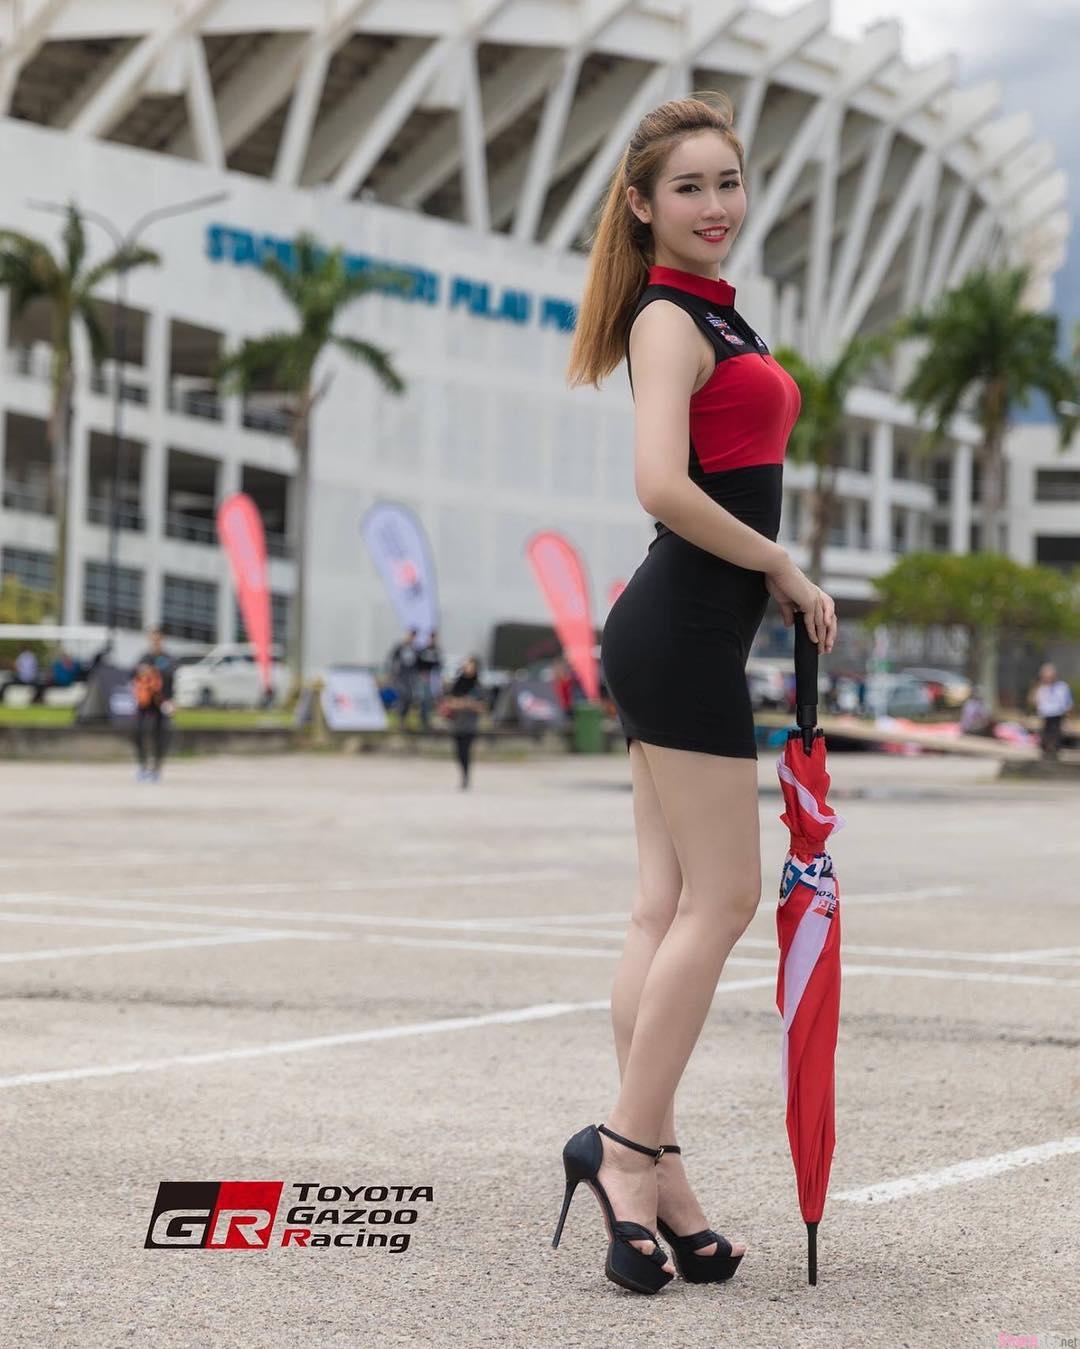 大马棉花糖女孩 Wan Li,迷人微笑电死人